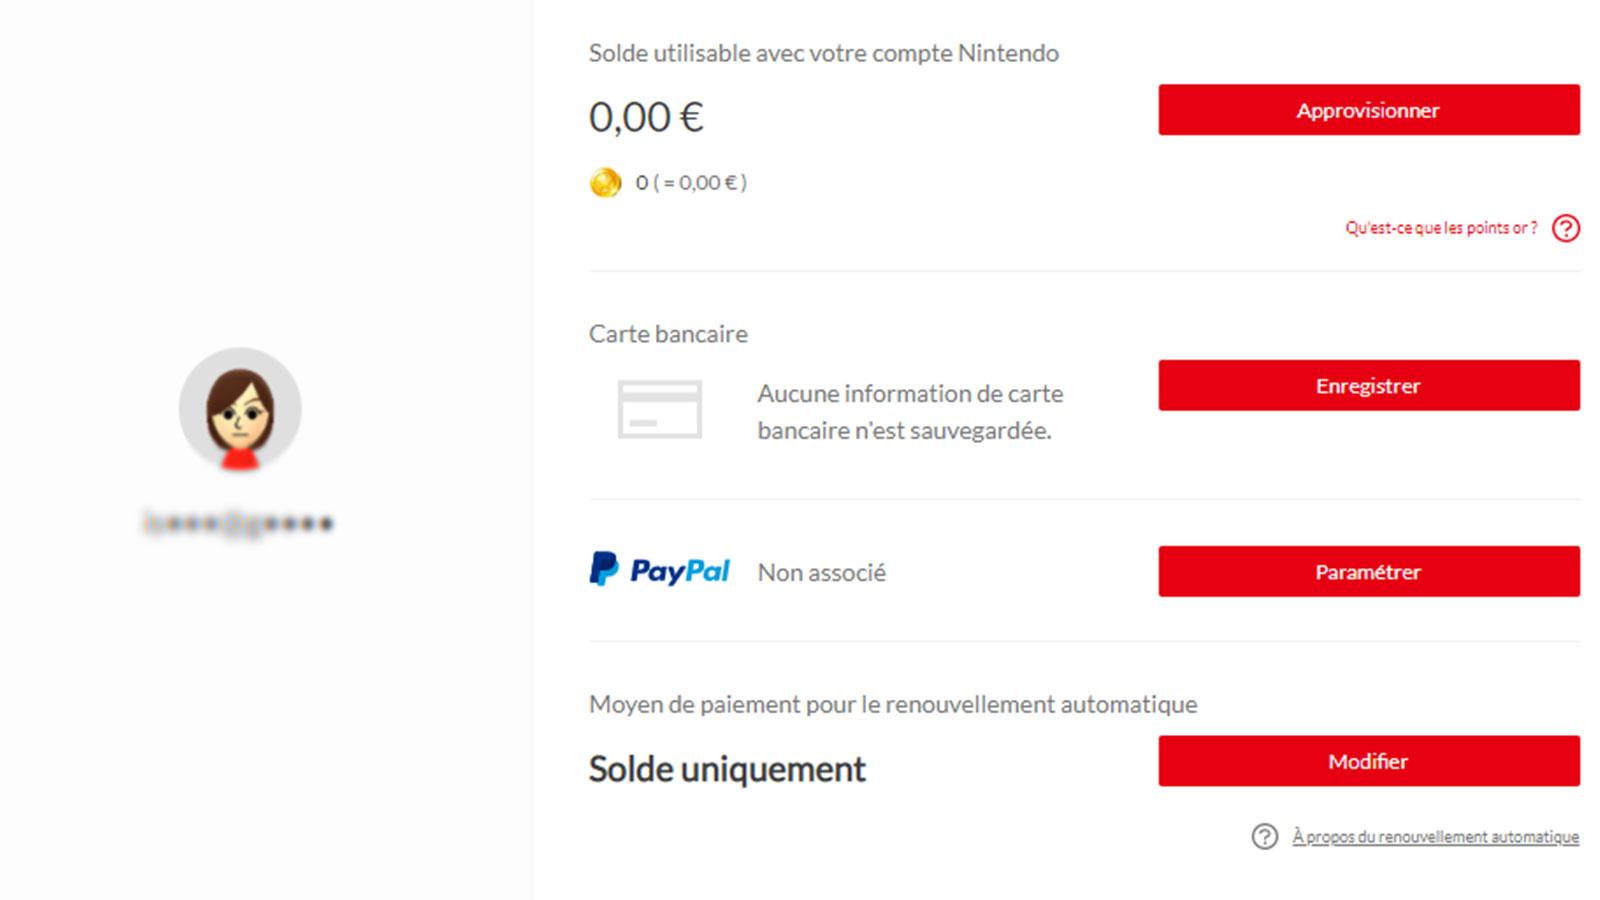 Mieux vaut dissociez son compte Paypal de son compte Nintendo